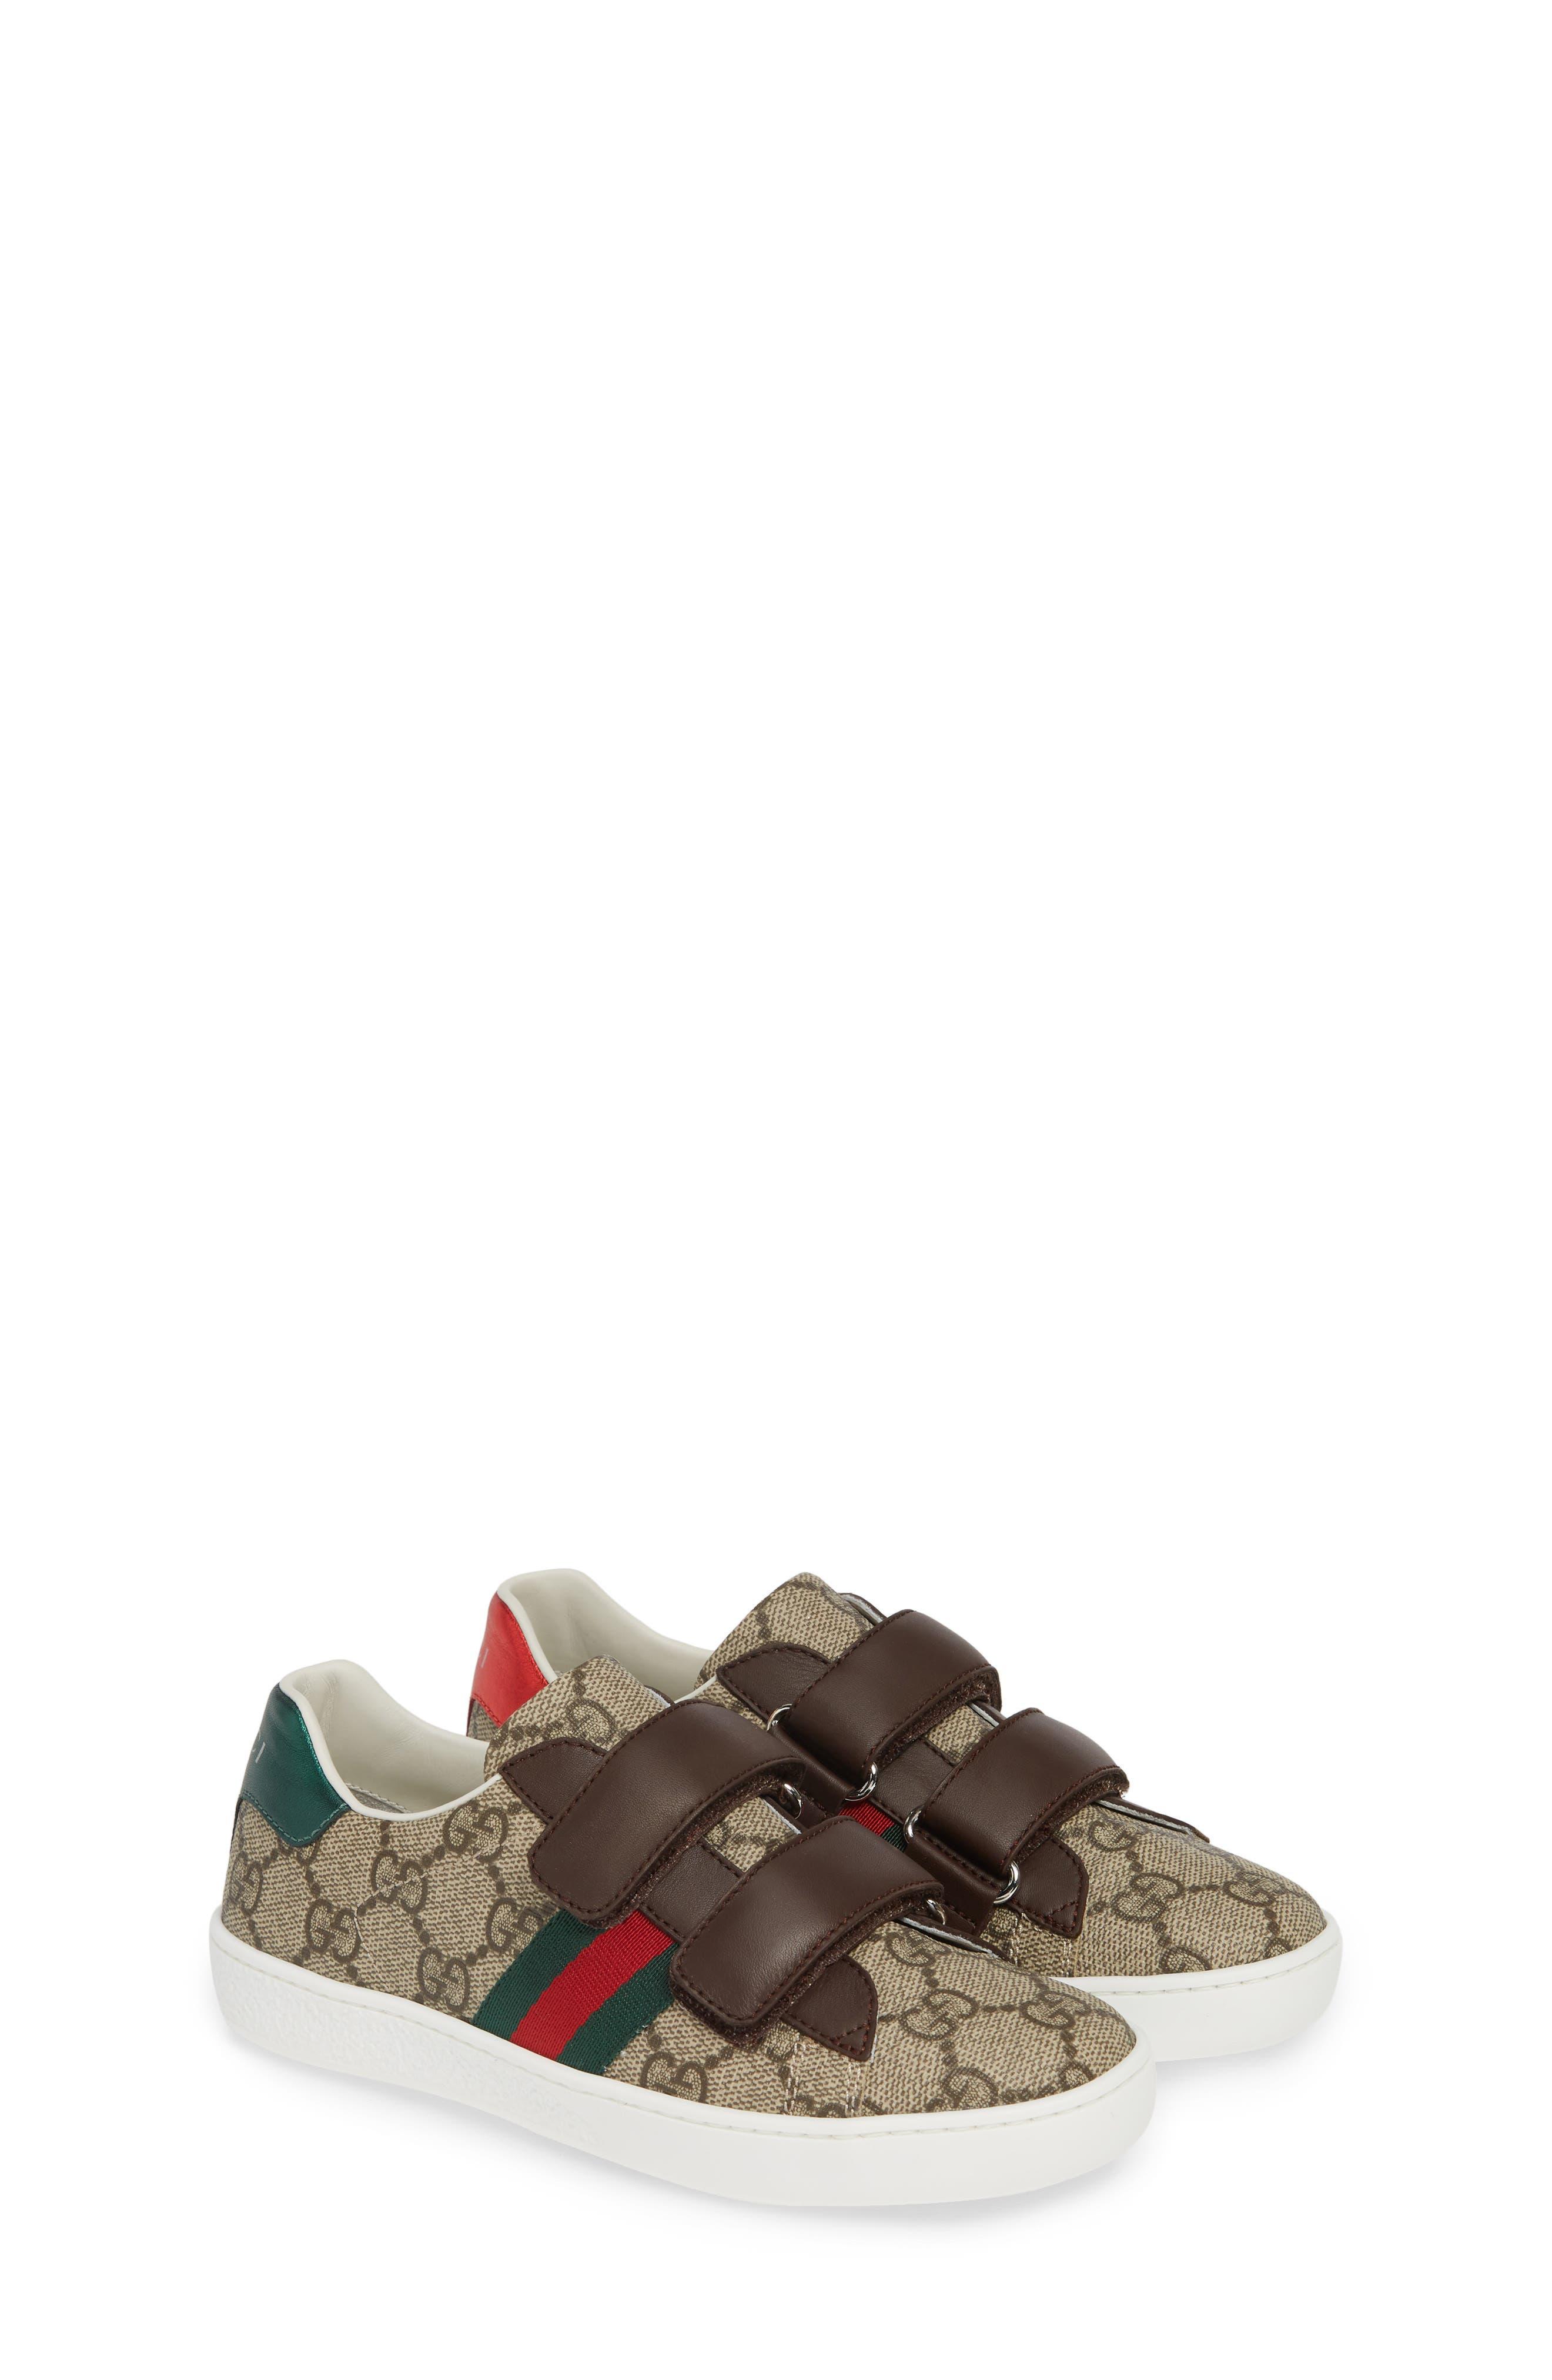 New Ace Monogram Sneaker,                             Alternate thumbnail 2, color,                             BEIGE